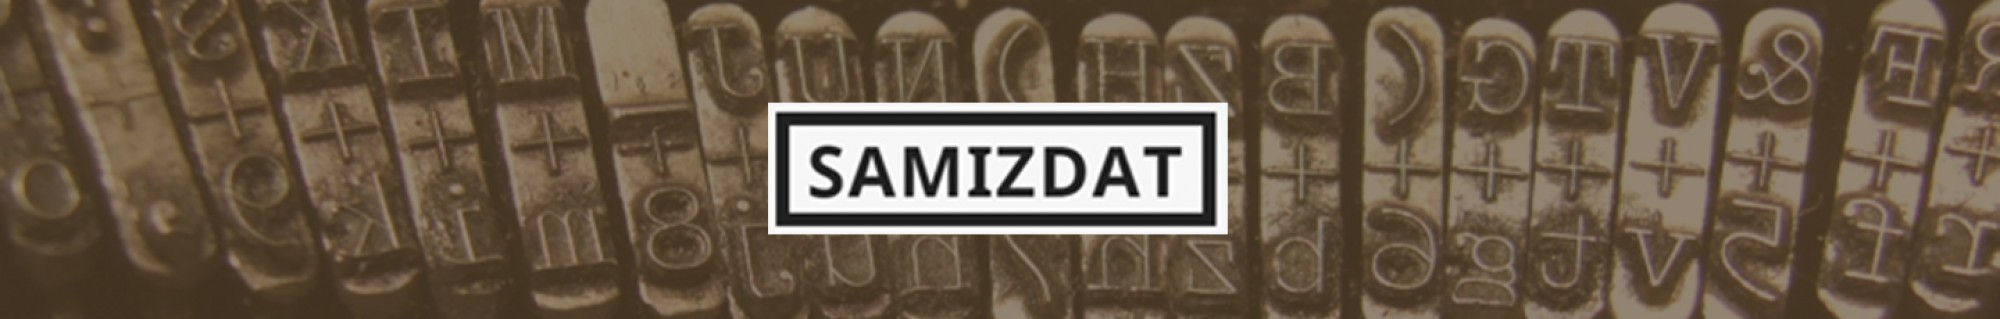 SAMIZDAT